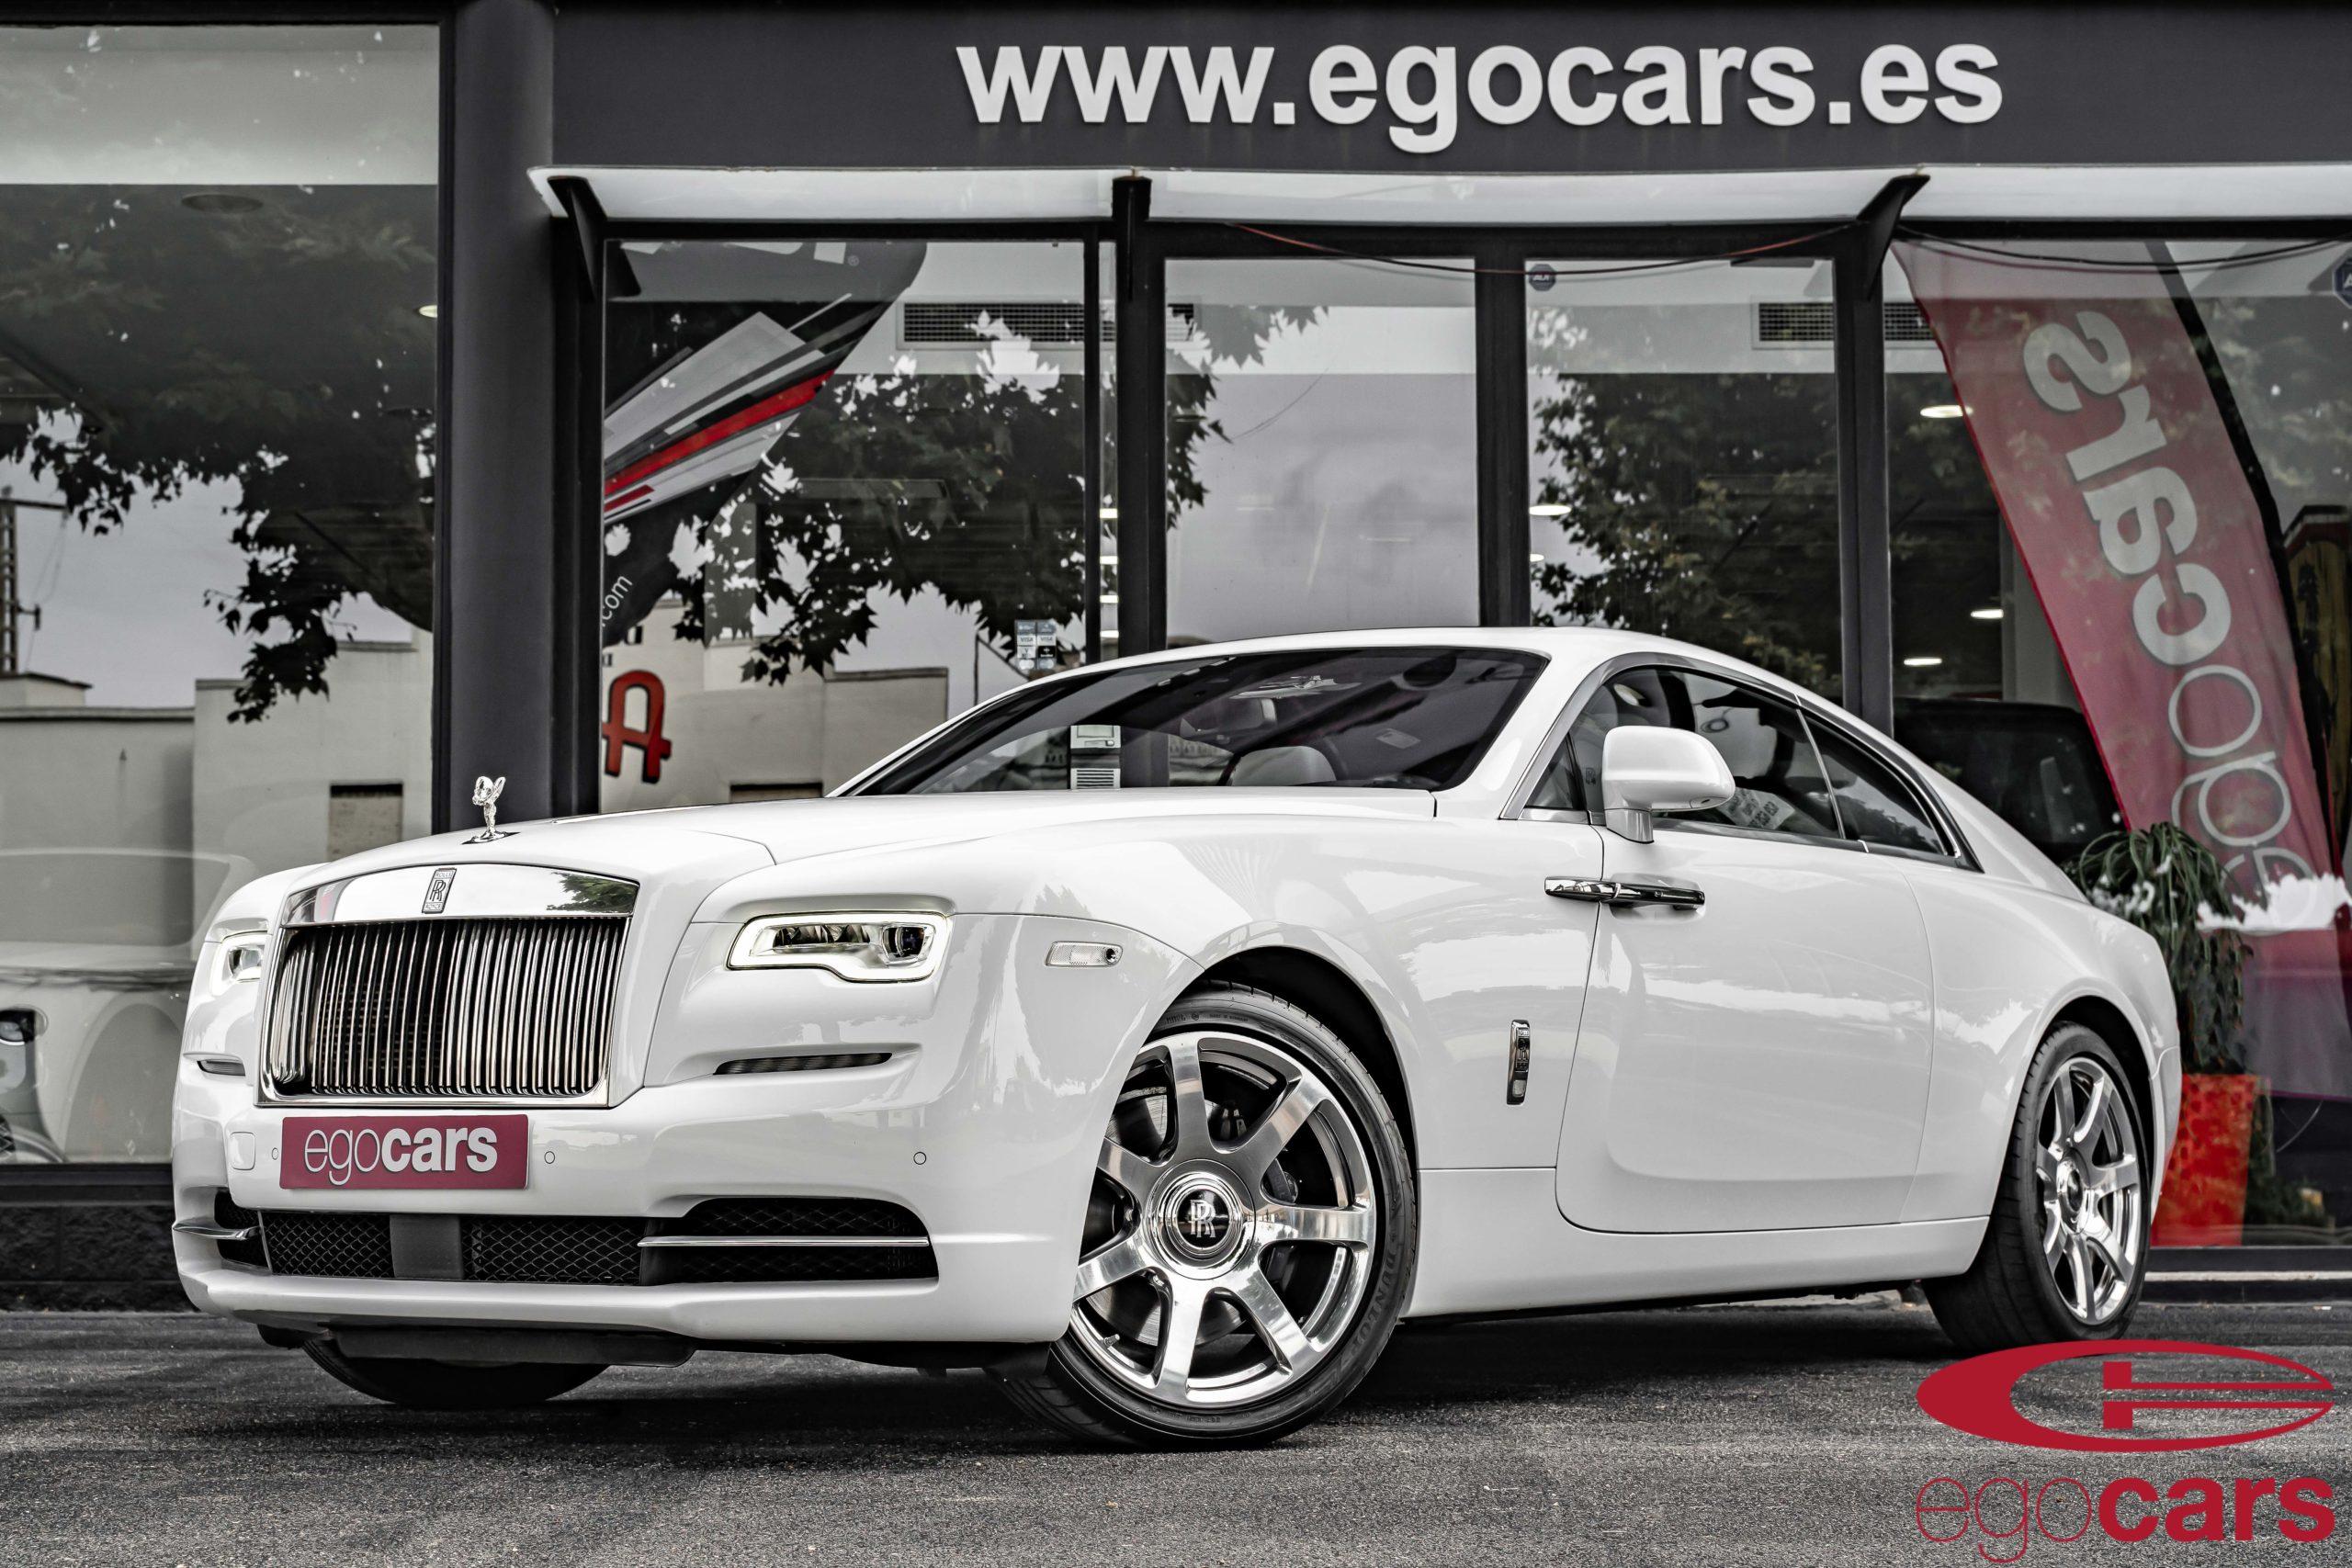 WRAITH WHITE V12 EGOCARS_1